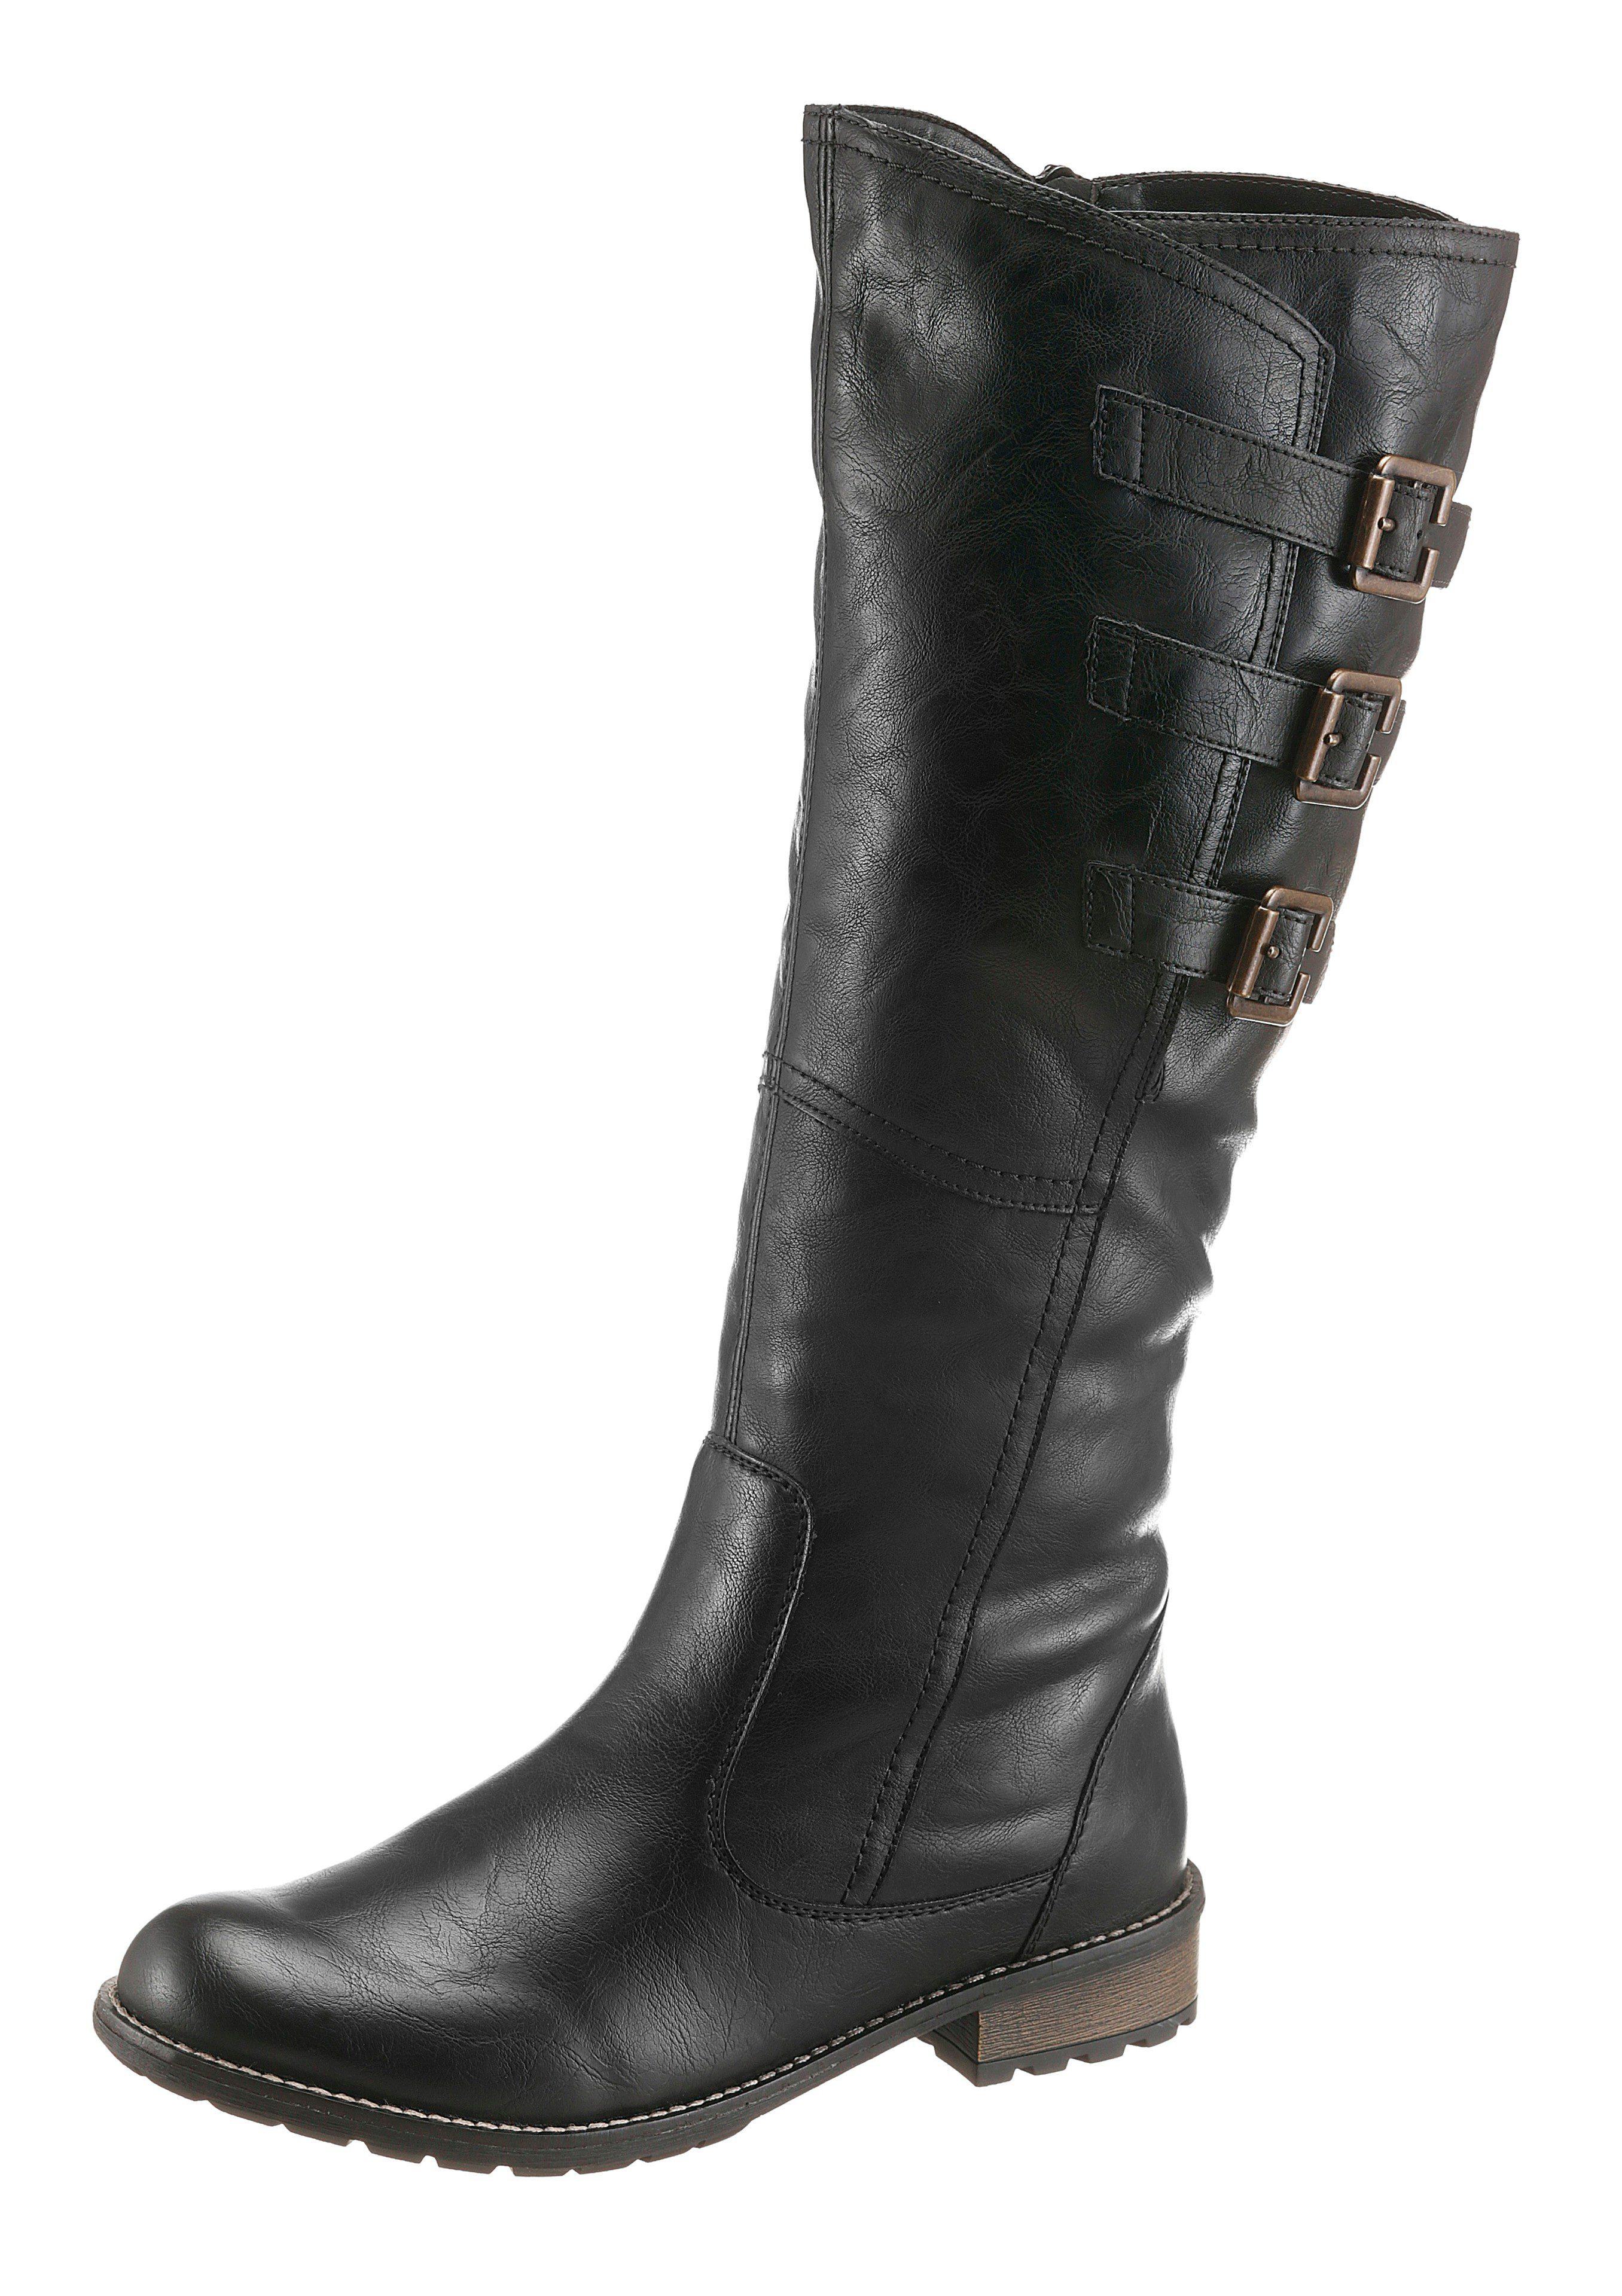 Remonte Stiefel mit Varioschaft, Obermaterial aus pflegeleichtem Lederimitat online kaufen   OTTO